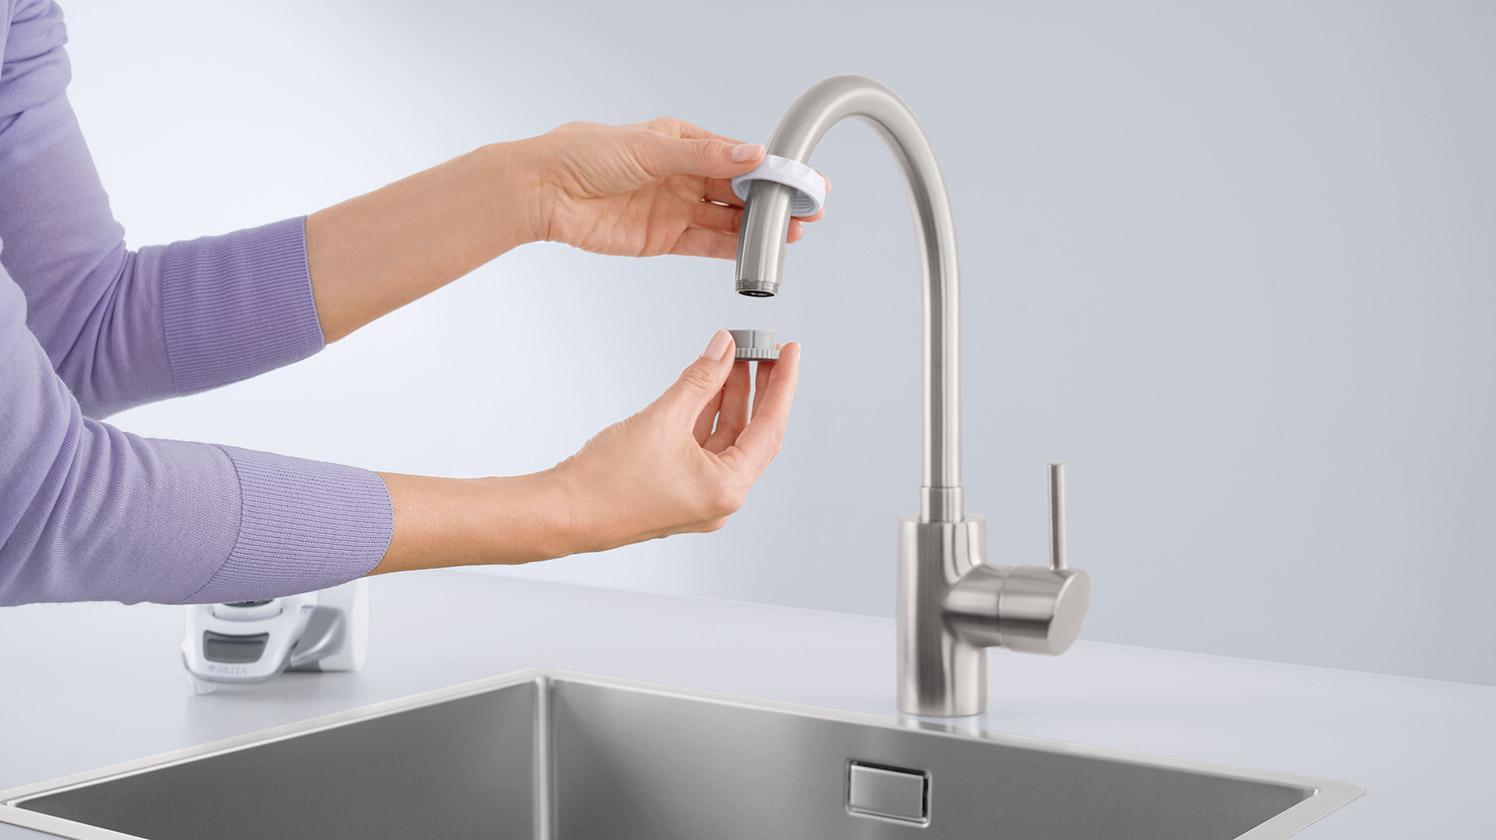 BRITA On Tap Water Filter System | BRITA®